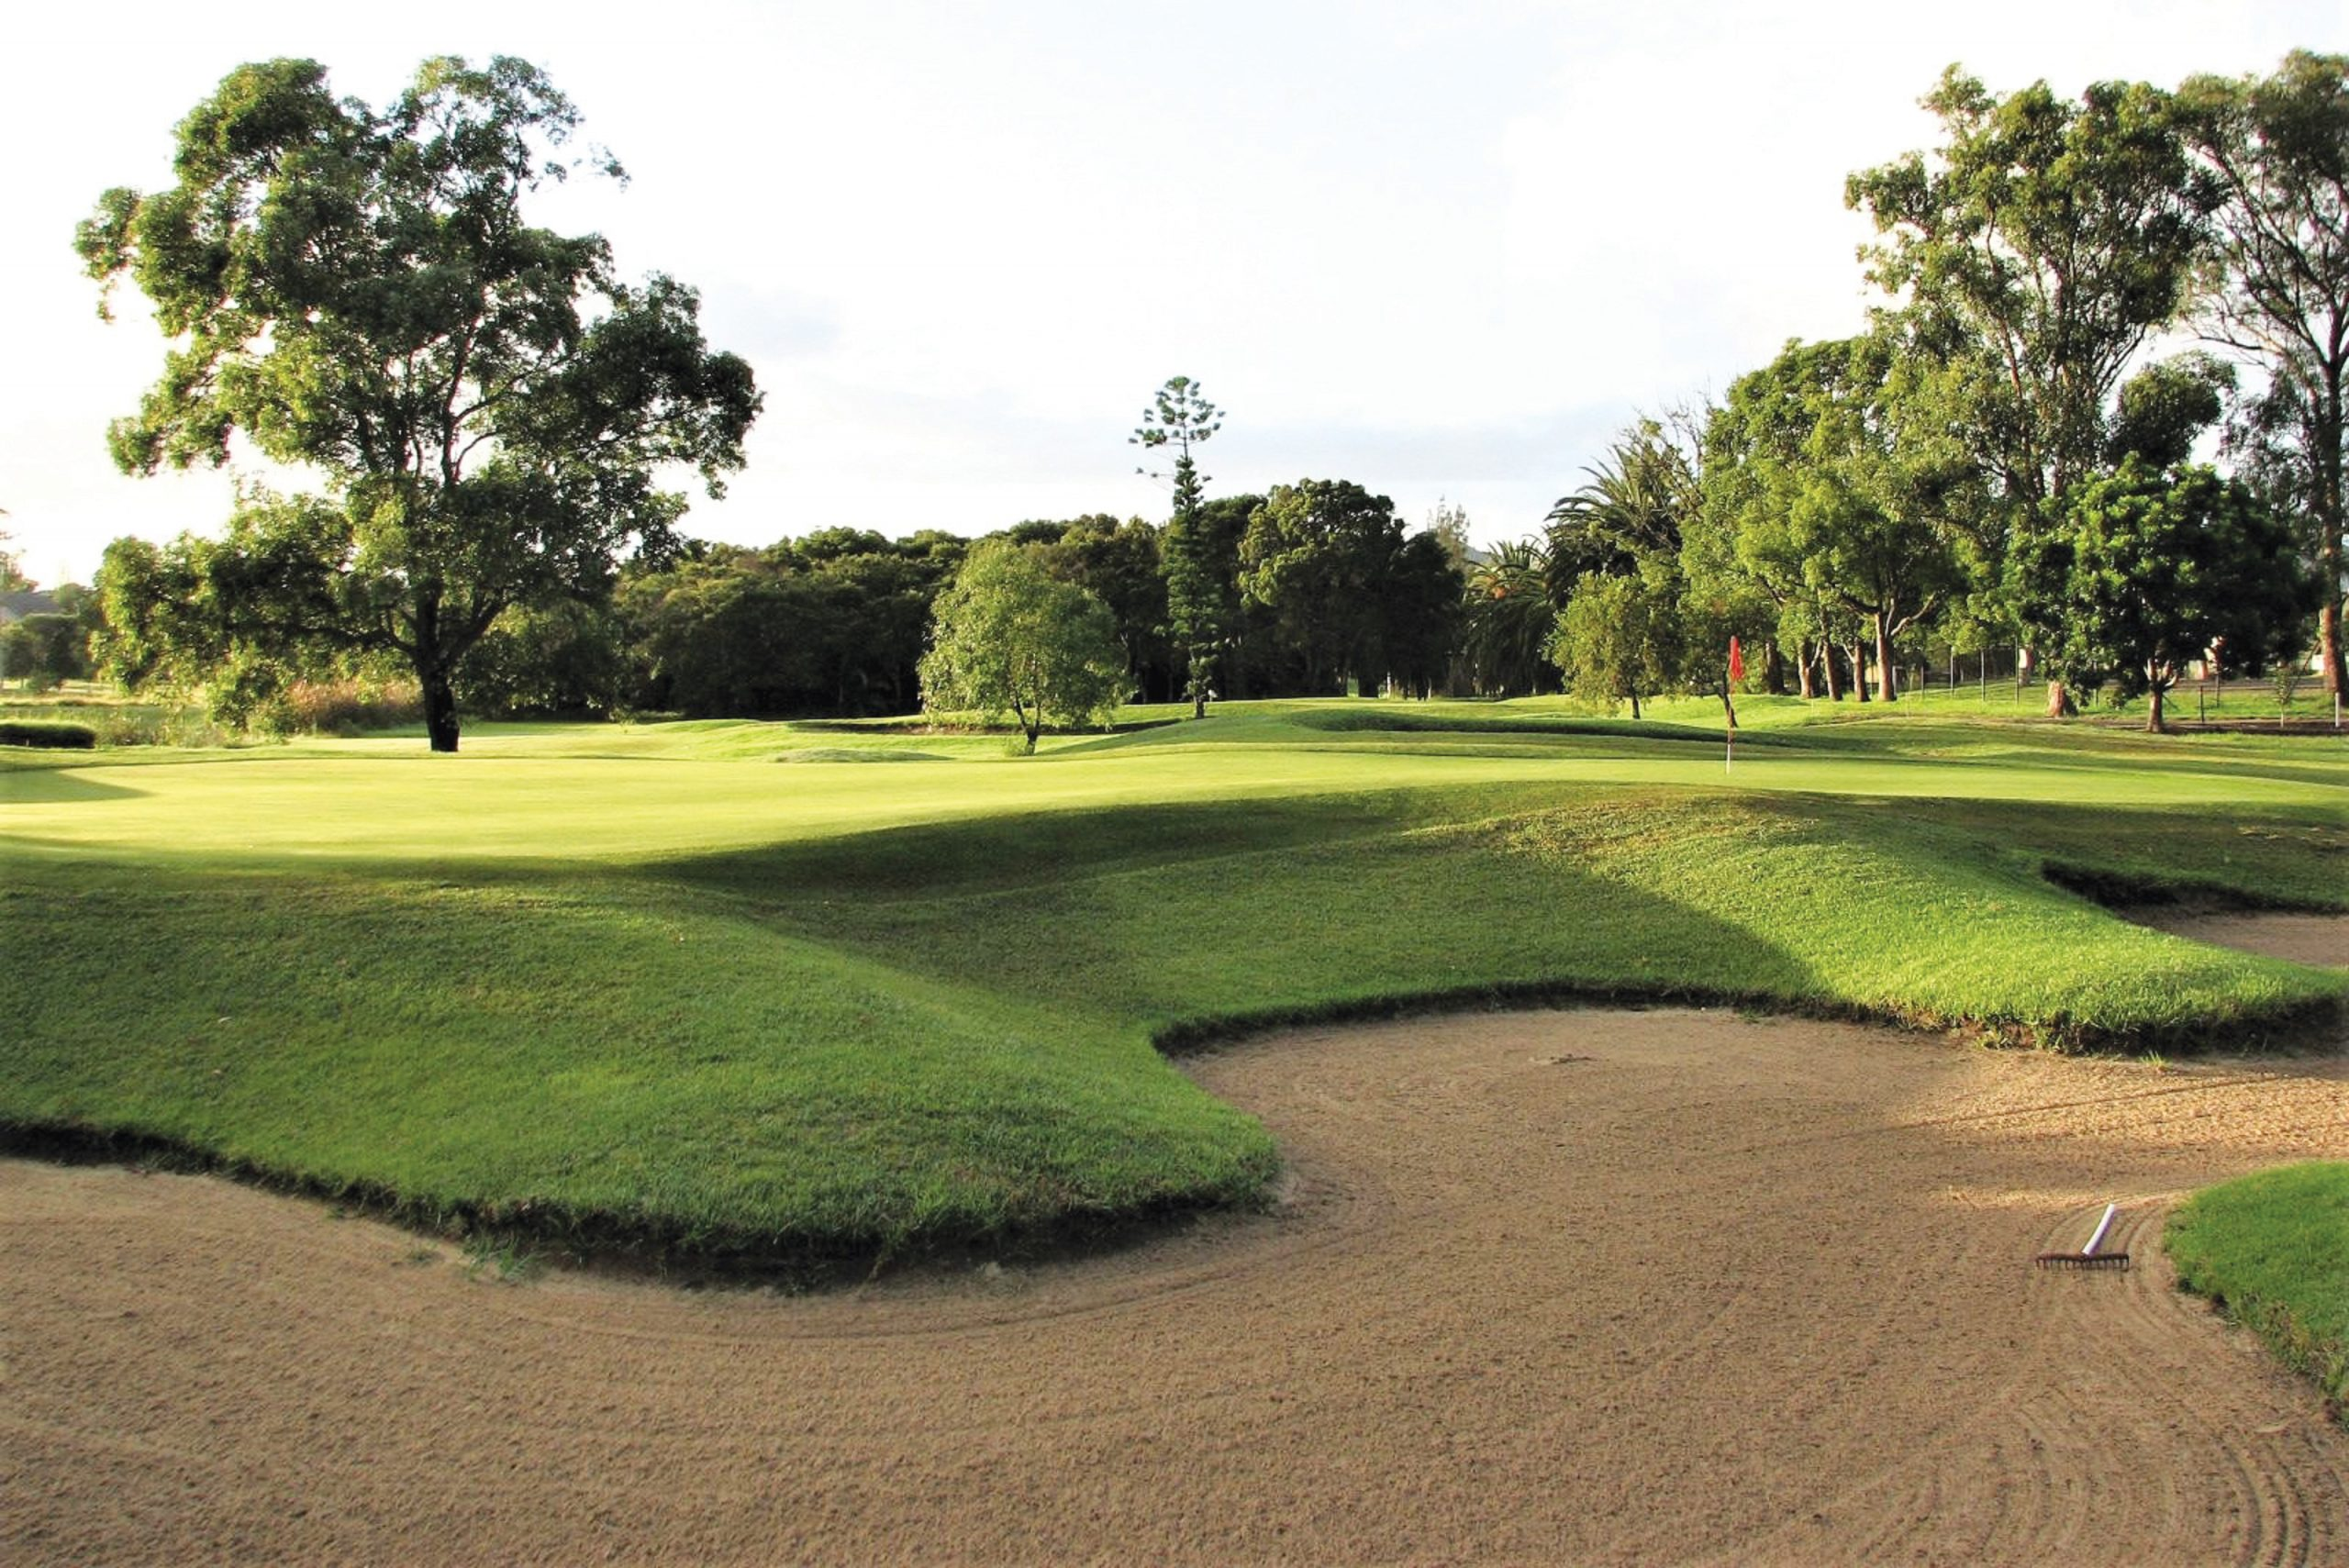 Waratah-Golf-Club-4th-green